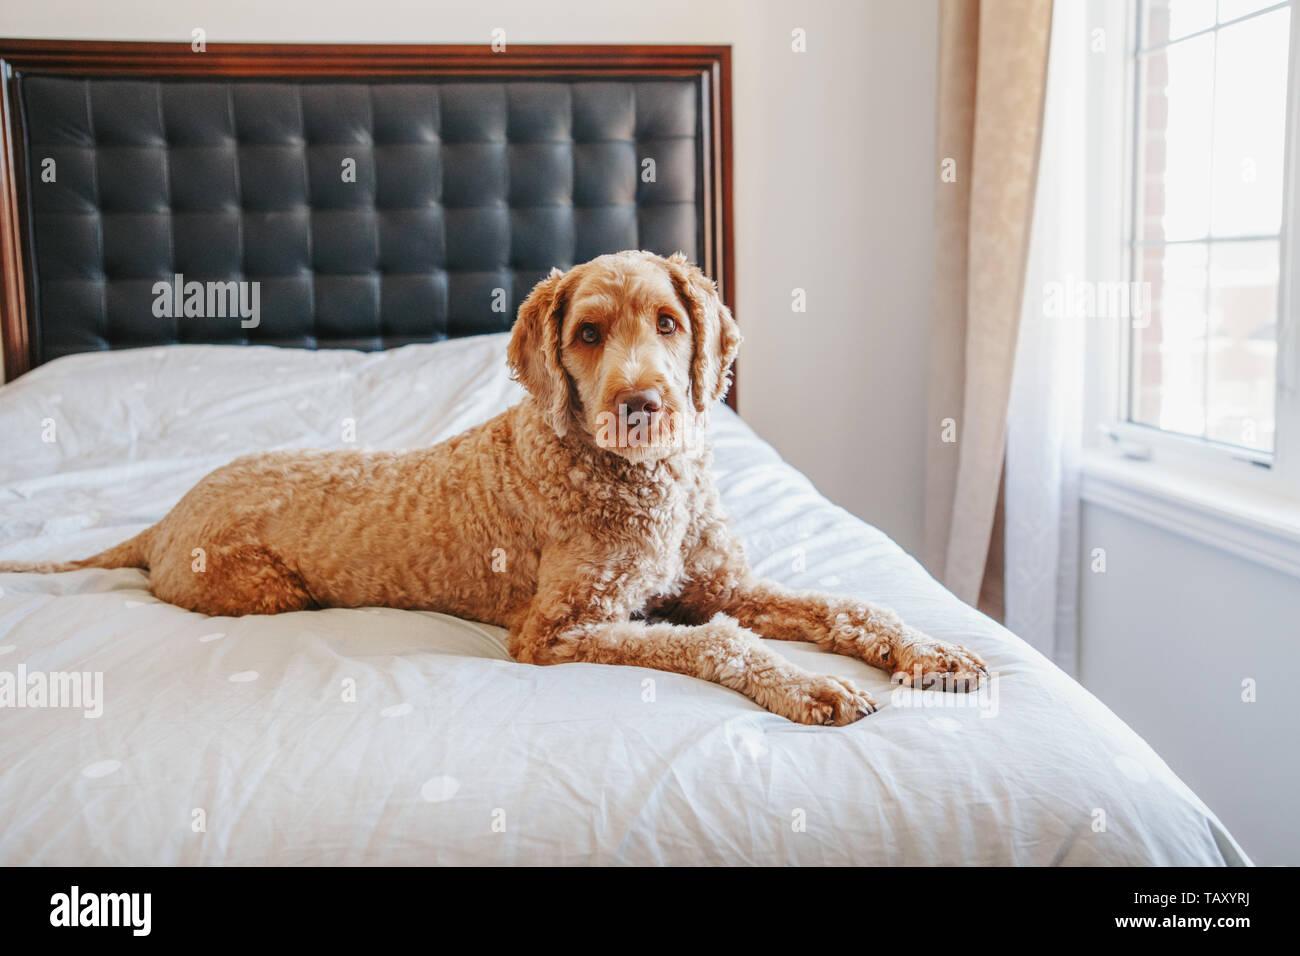 Cute adorable schamlose neugierig Rothaarige Hund auf ...